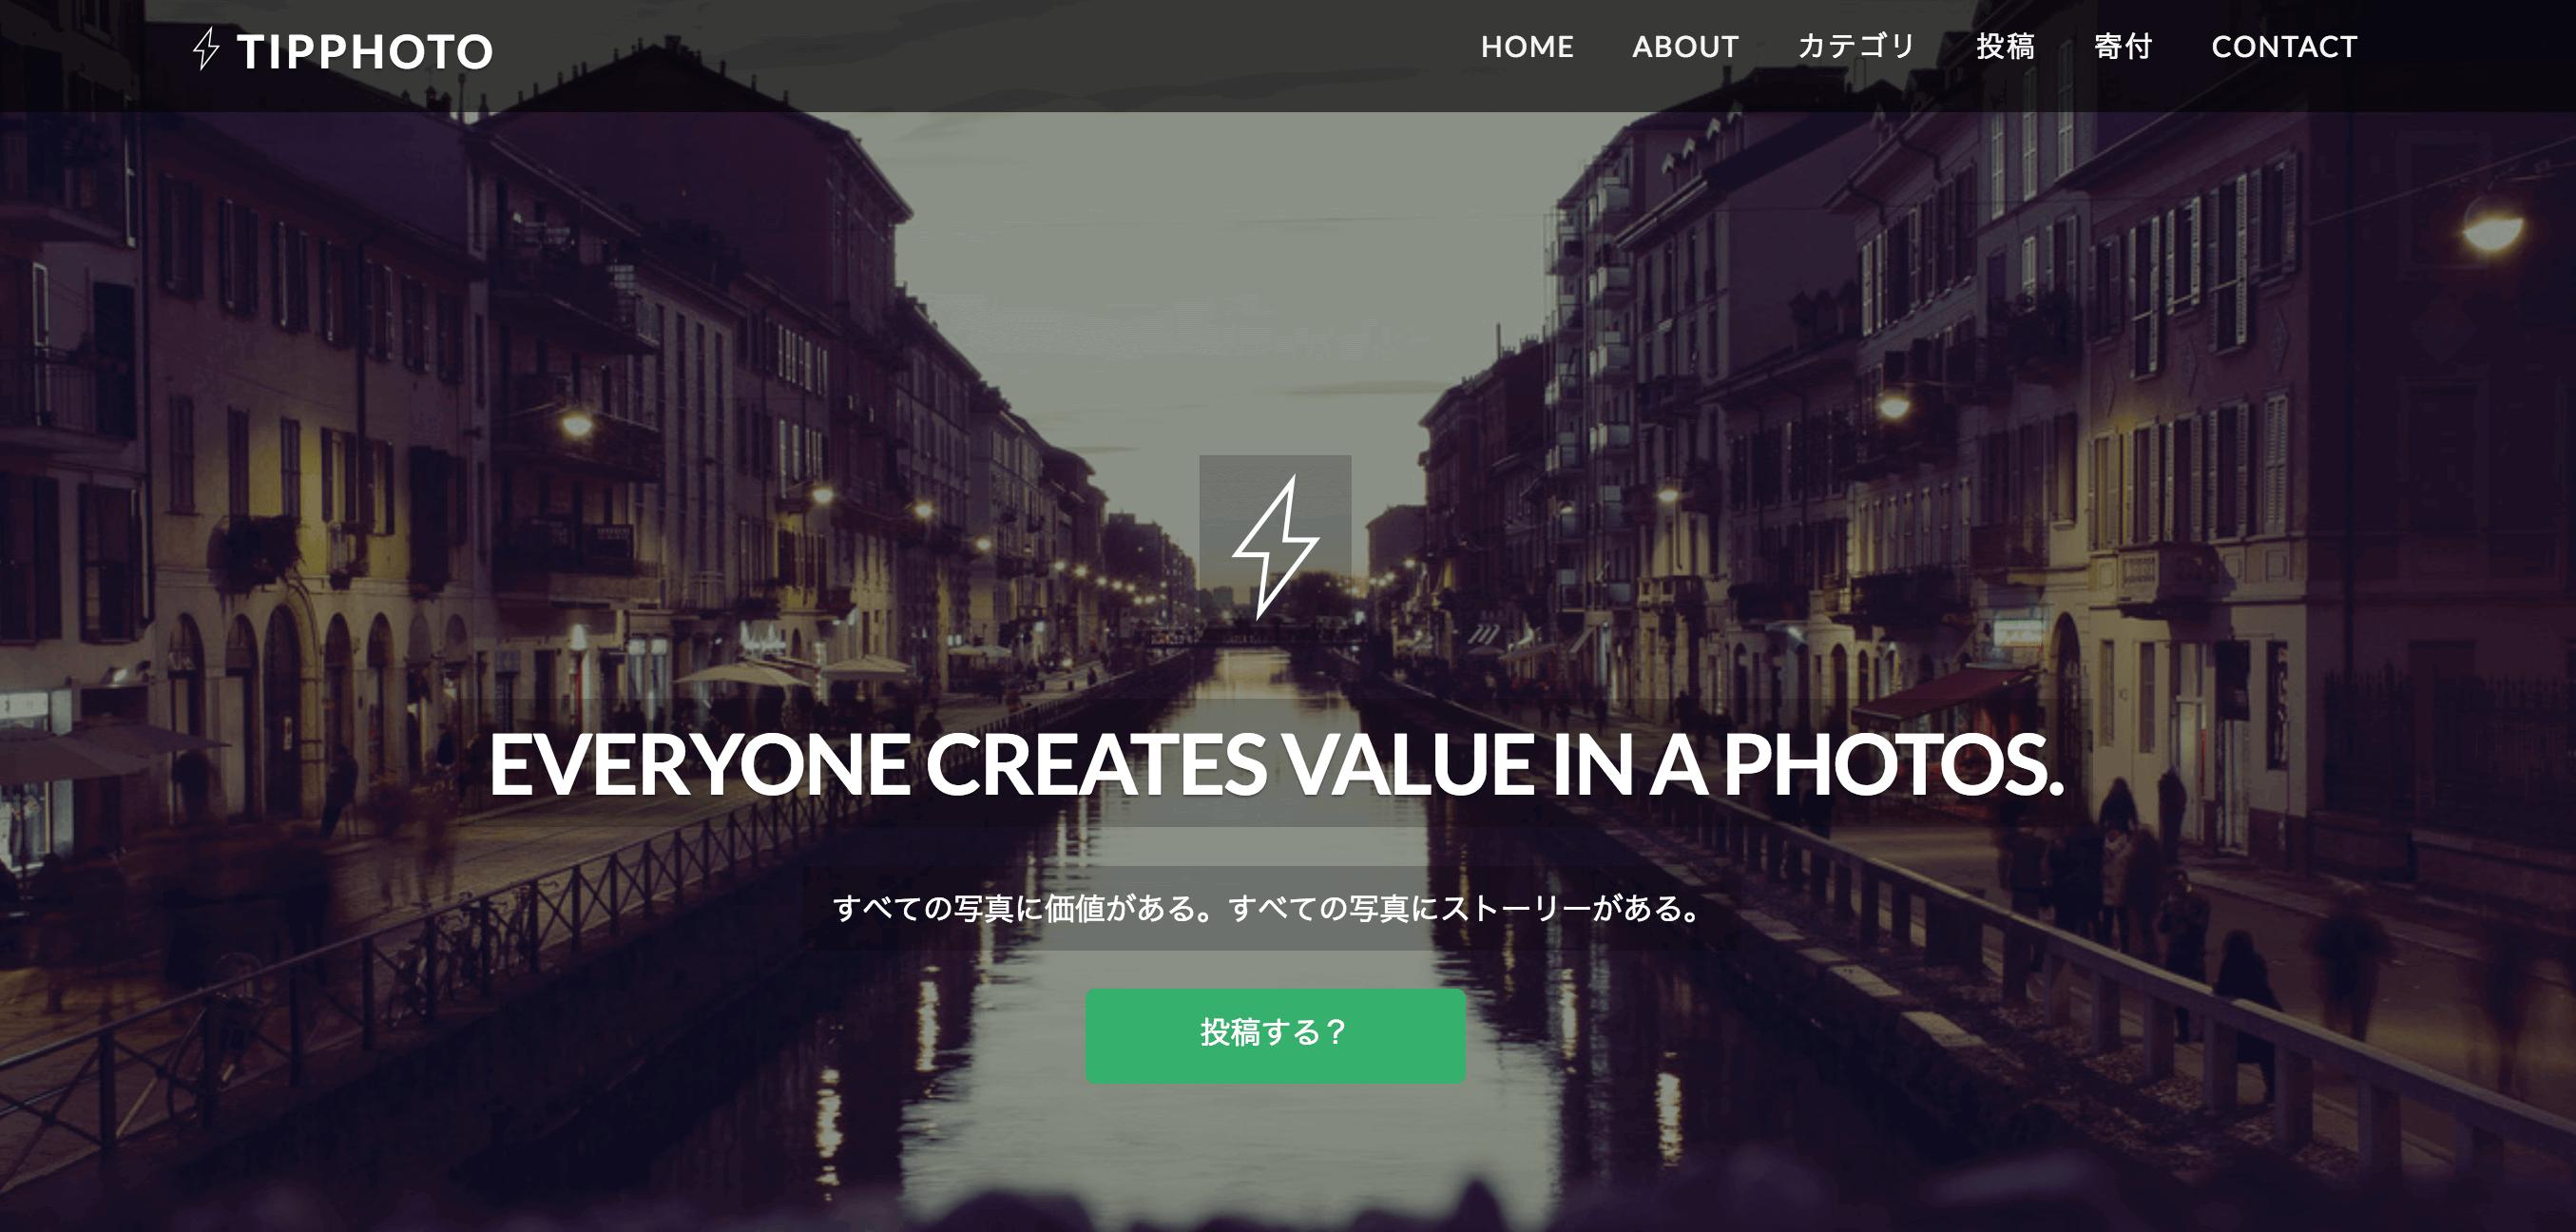 仮想通貨でInstagramの写真に投げ銭できる写真投稿サイトtipphoto